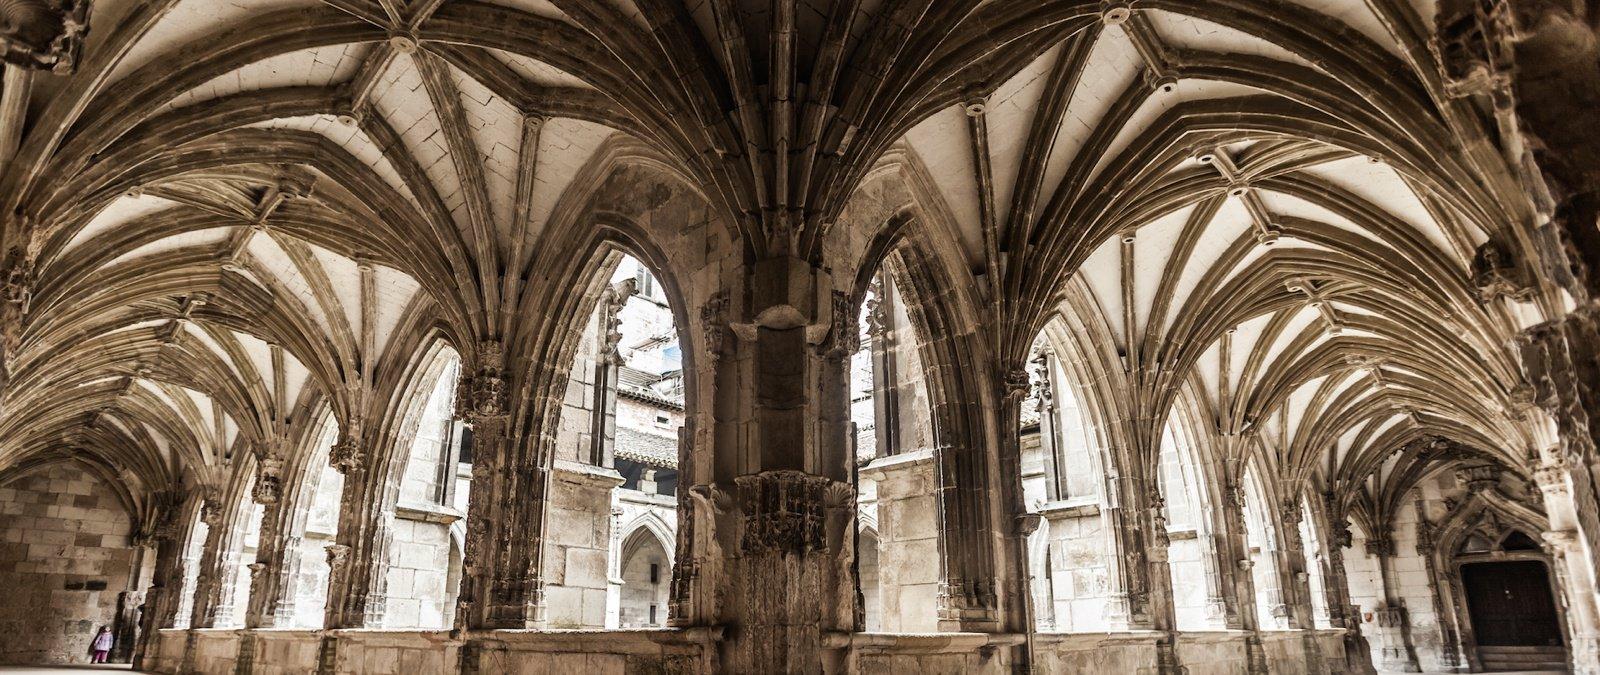 Đặc điểm của kiến trúc Gothic